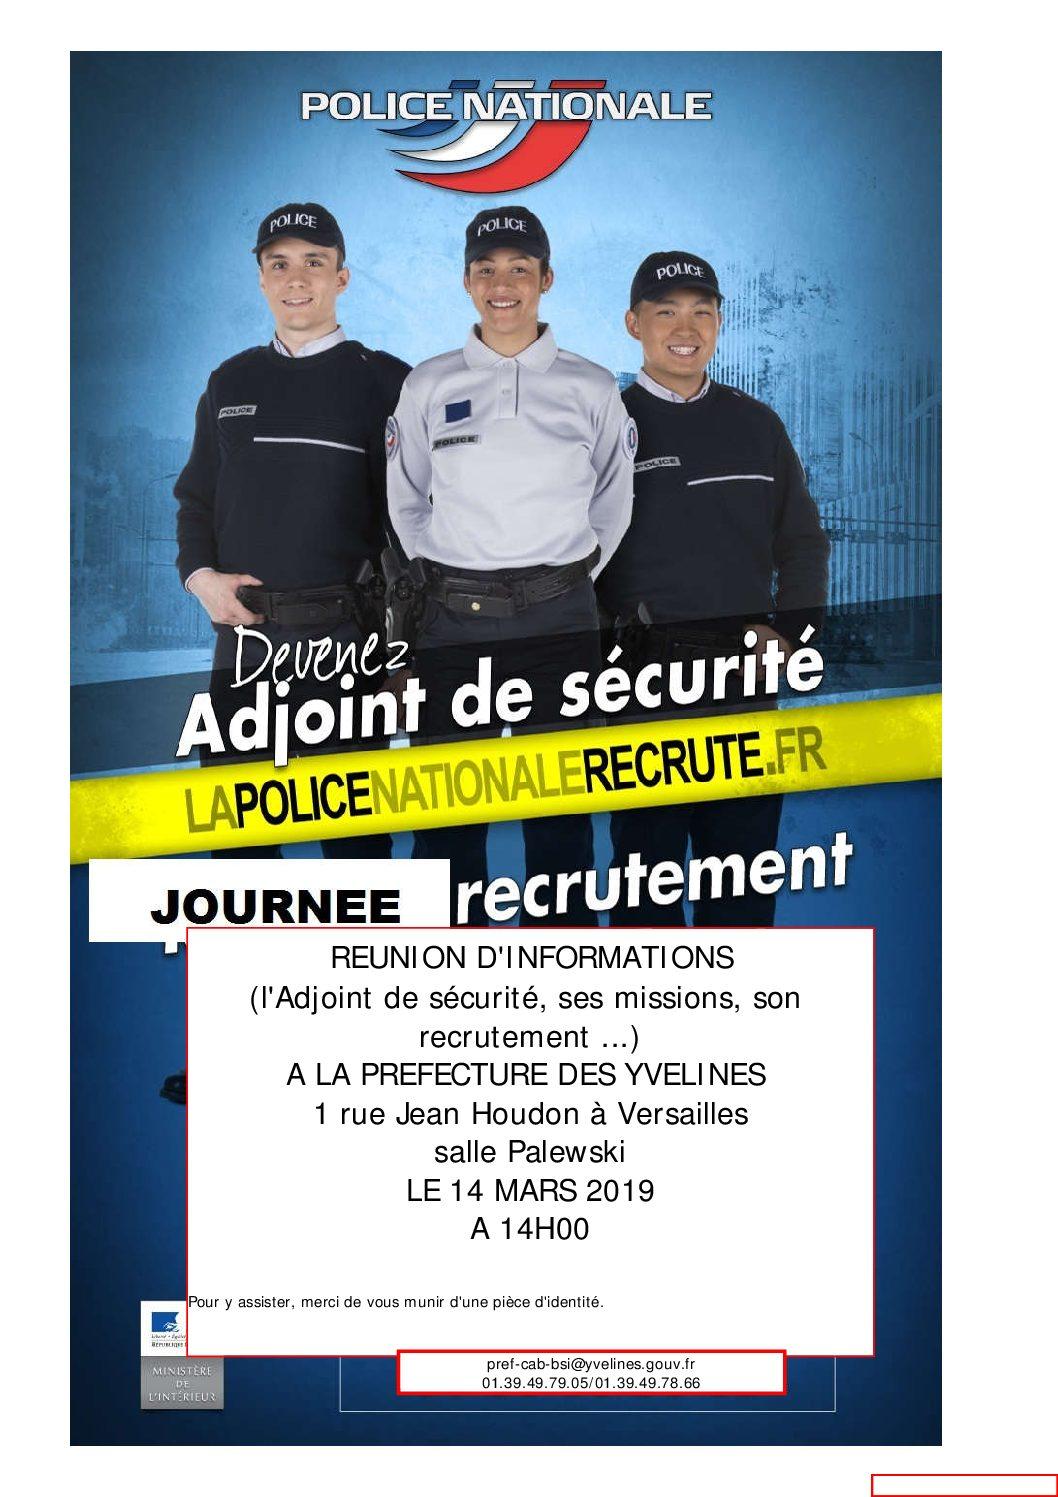 Réunion d'information – Devenez adjoint de sécurité 14-03-2019